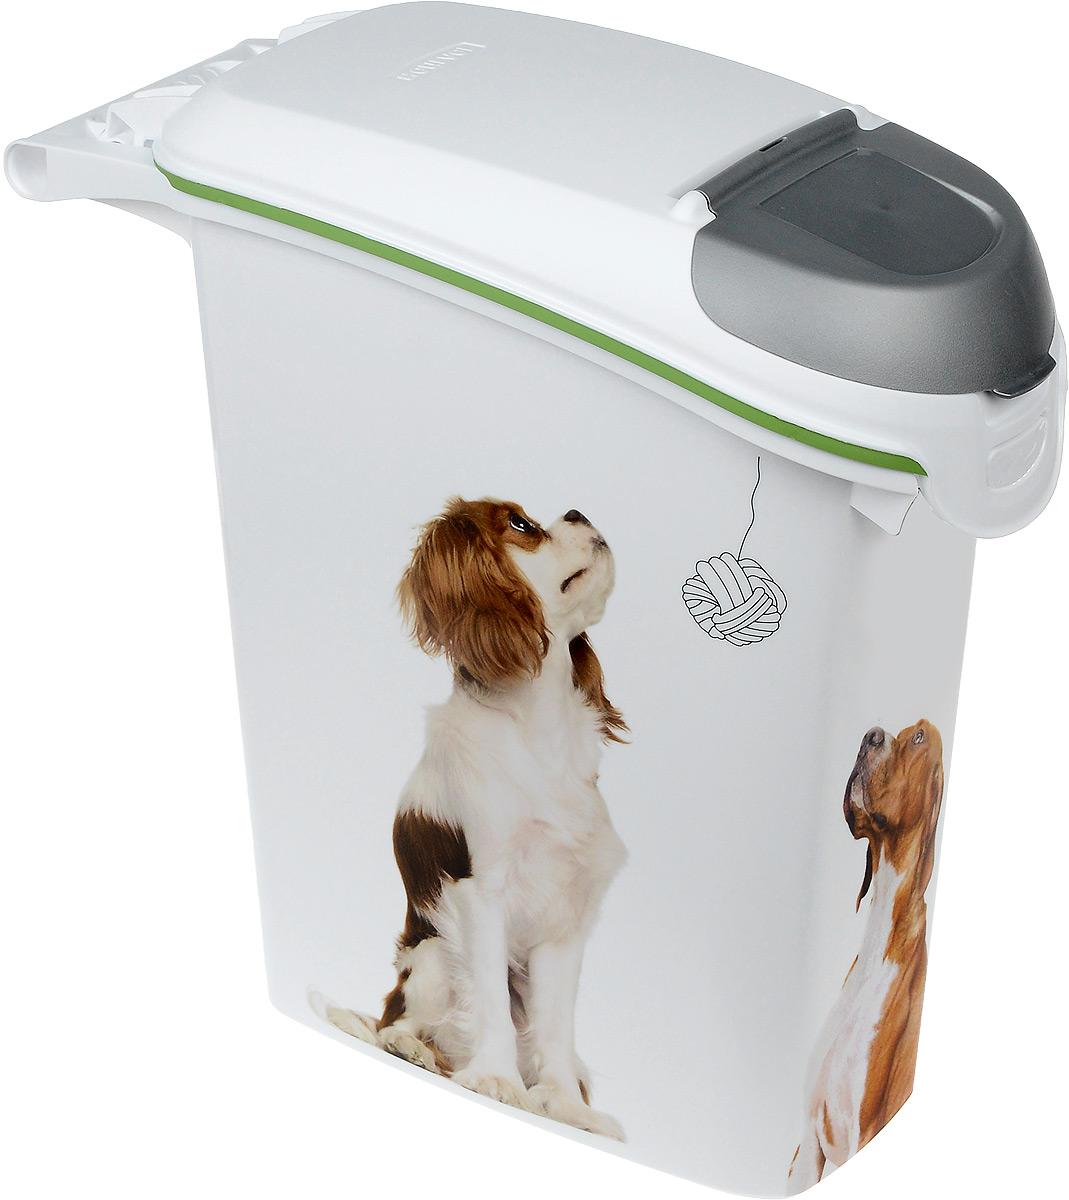 Контейнер Curver Pet Life. Лабрадор для хранения сухого корма, 23 л24Контейнер Curver Pet Life. Лабрадор, изготовленный из высококачественного пластика, оснащен плотно закрывающейся крышкой. Изделие декорировано ярким изображением и предназначено для хранения корма для собак. В таком контейнере корм останется всегда свежим.Объем: 23 л. Вес корма: 10 кг.Размер контейнера: 50 х 21 х 50 см.